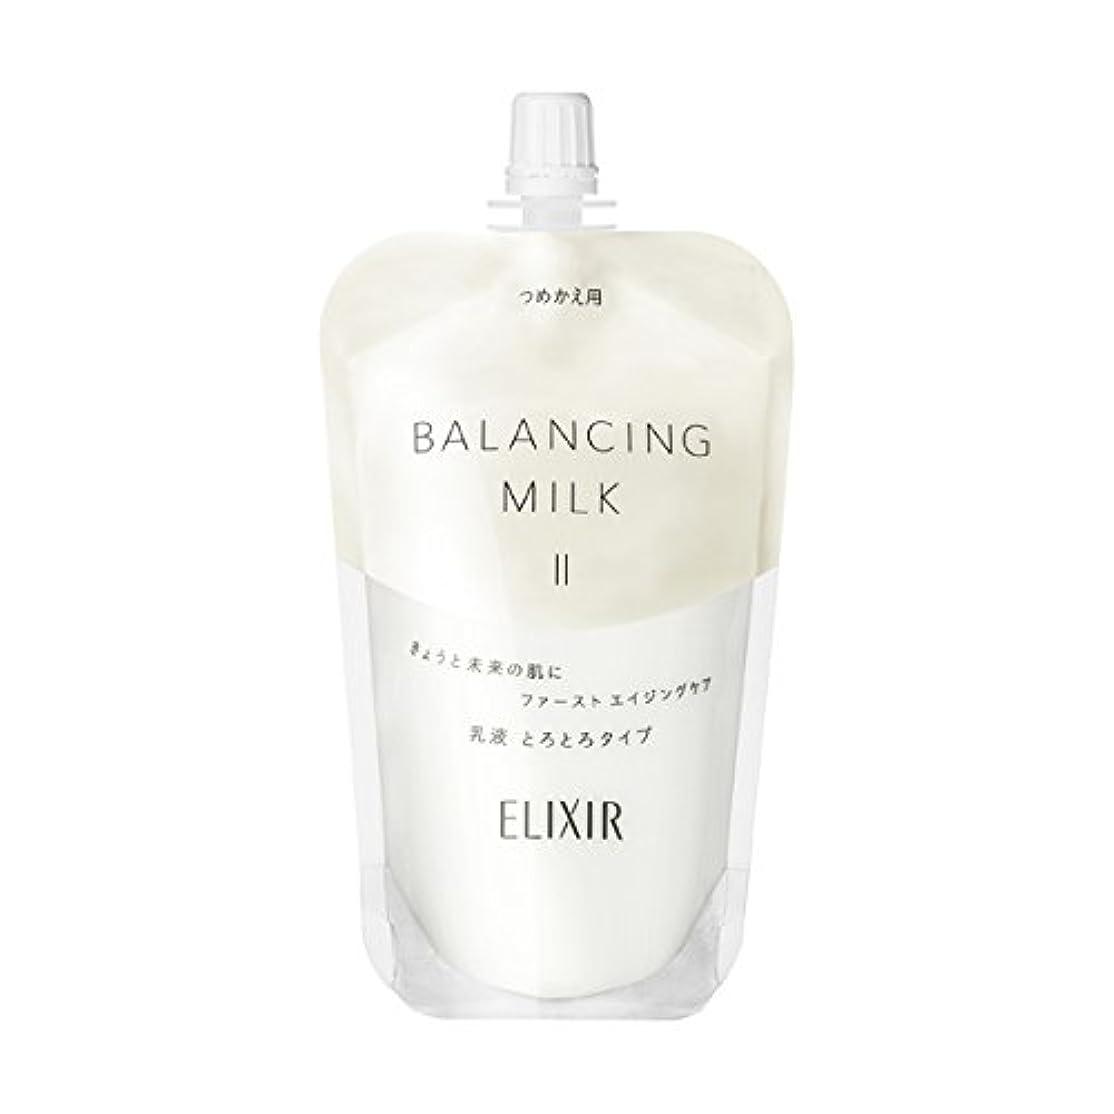 値優越ナプキンエリクシール ルフレ バランシング ミルク 乳液 2 (とろとろタイプ) (つめかえ用) 110mL